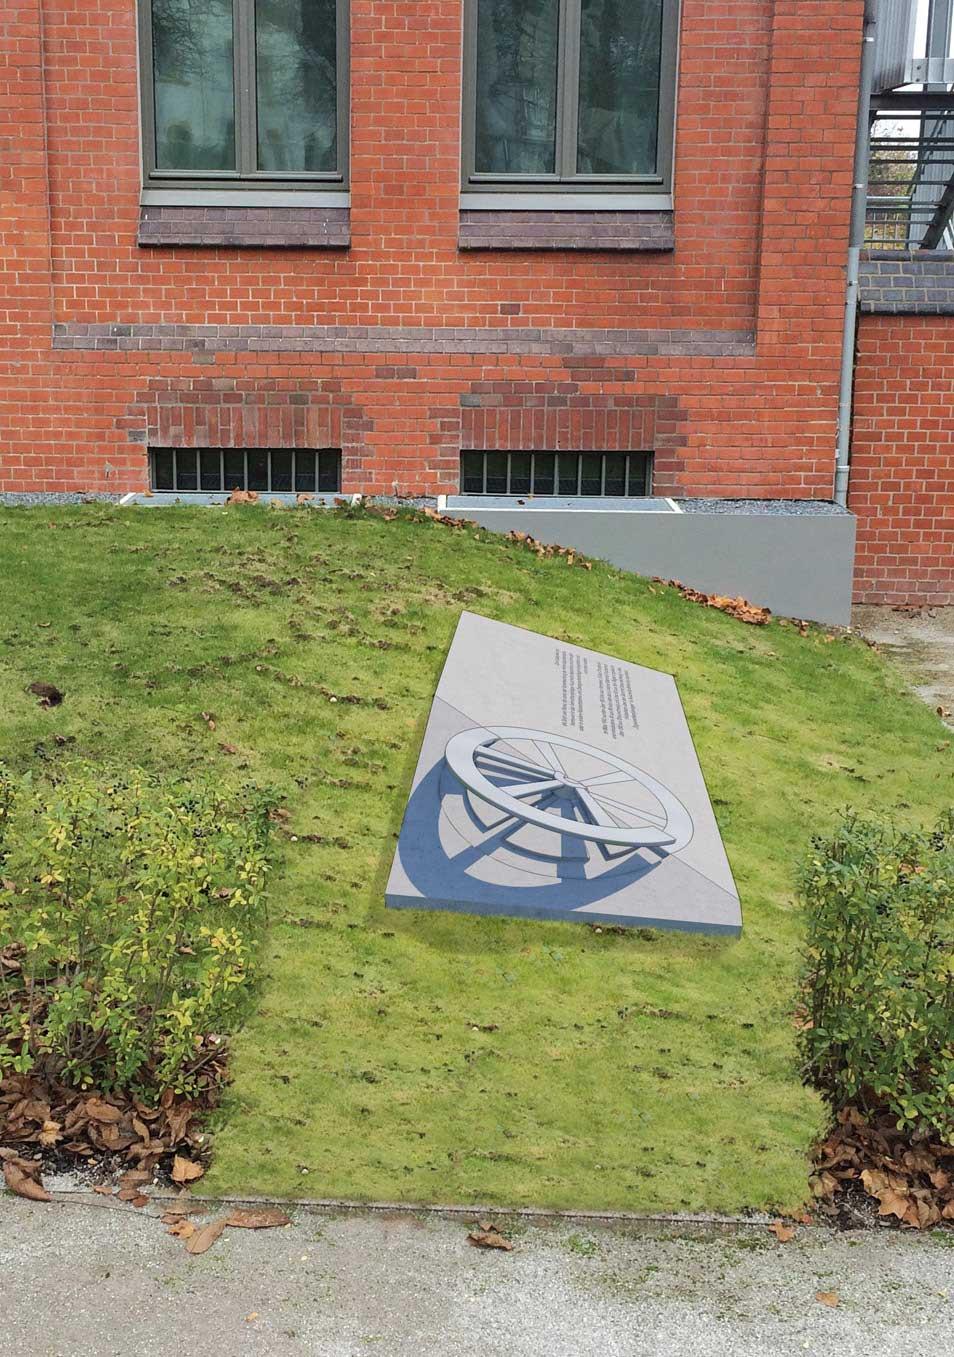 OGGI-Beton: BetonlautsprecherOGGI-Beton: Gedenkskulptur für die Roma und Sinti, die Opfer des nationalsozialistischen Völkermordes wurden, Gedenkstätte Ahlem, Hannover